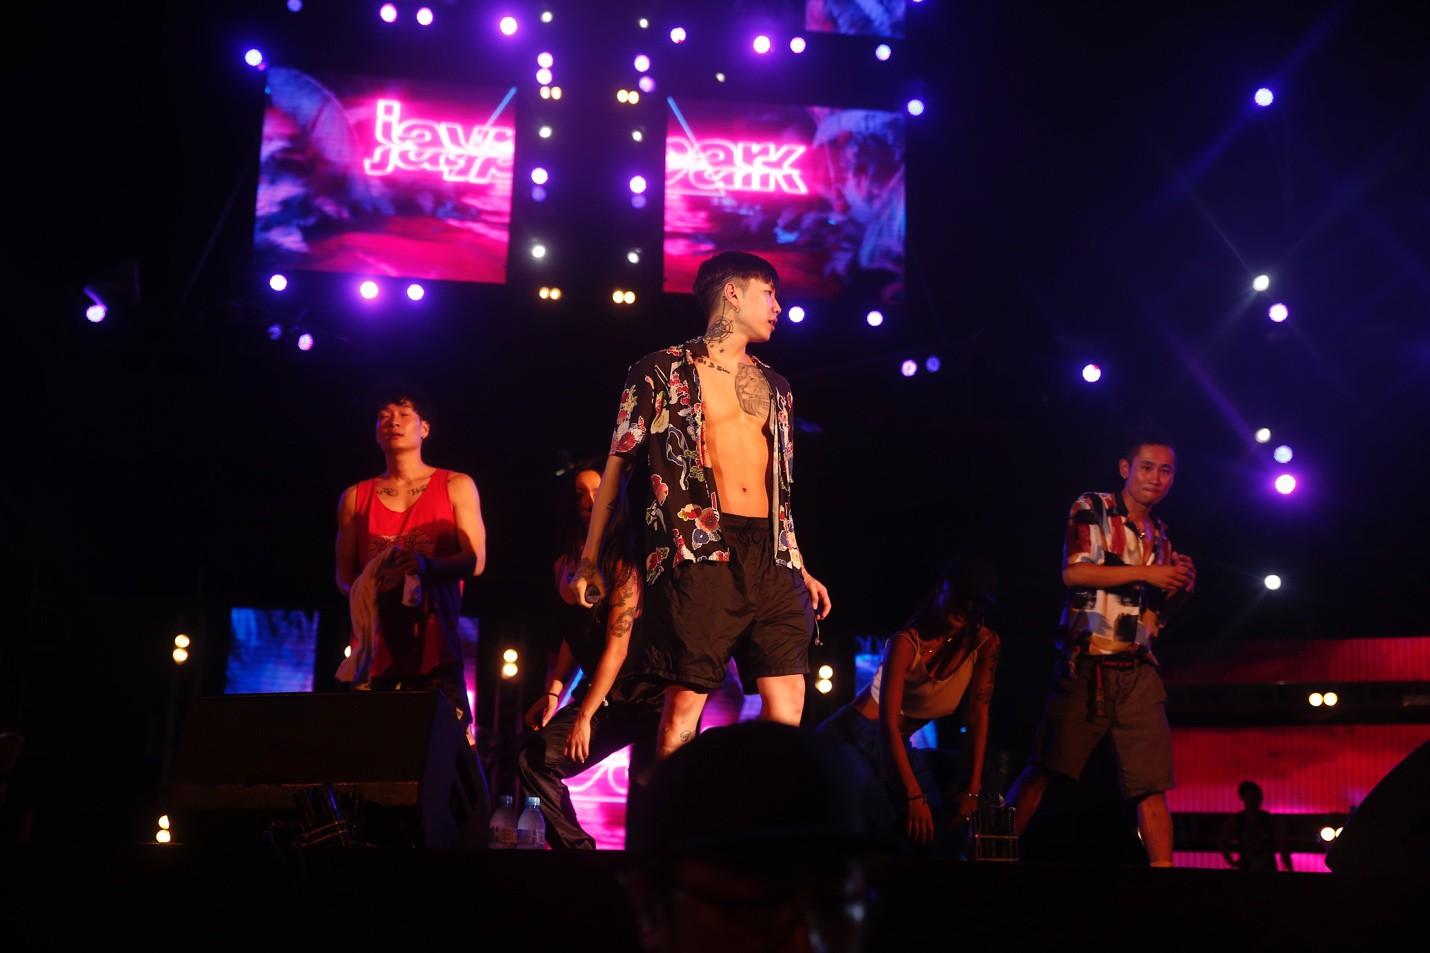 Jay Park phanh áo quyến rũ, liên tục nói tiếng Việt trong buổi rehearsal - Ảnh 3.